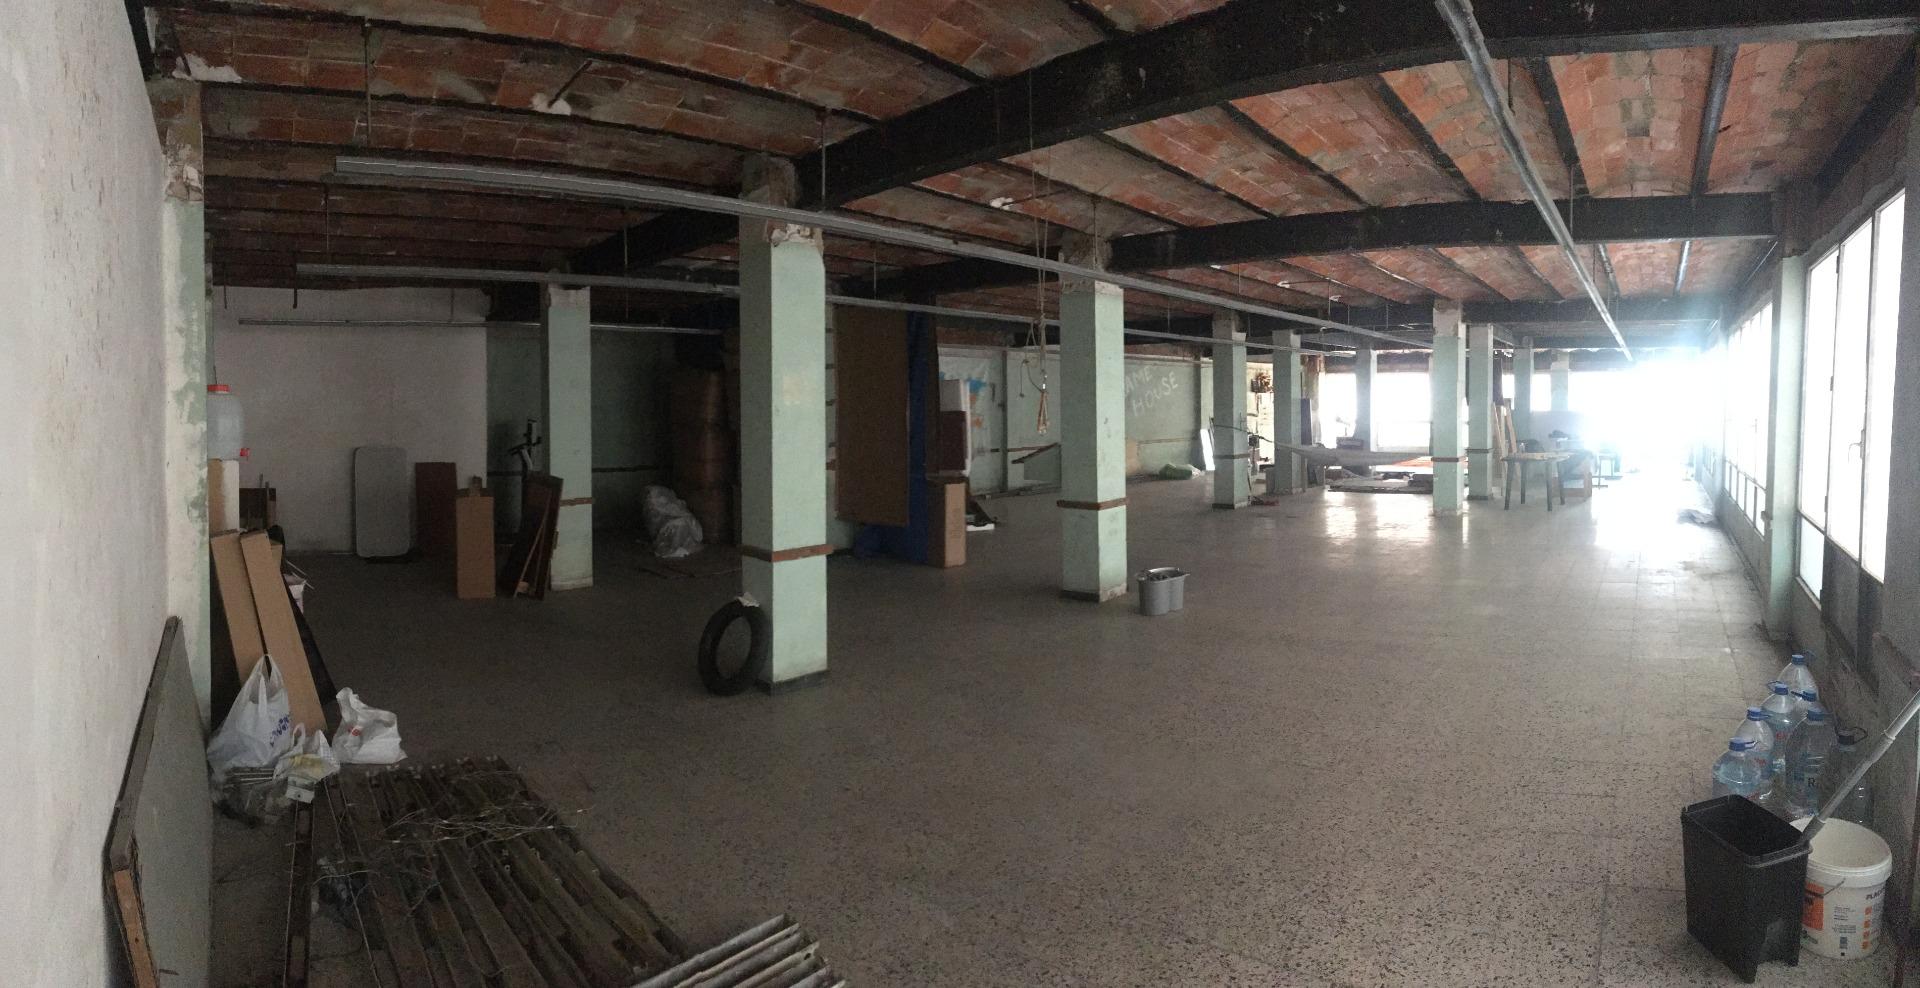 Oficina en venta en Carrer de la Cooperativa, 1, Santa Eulàlia